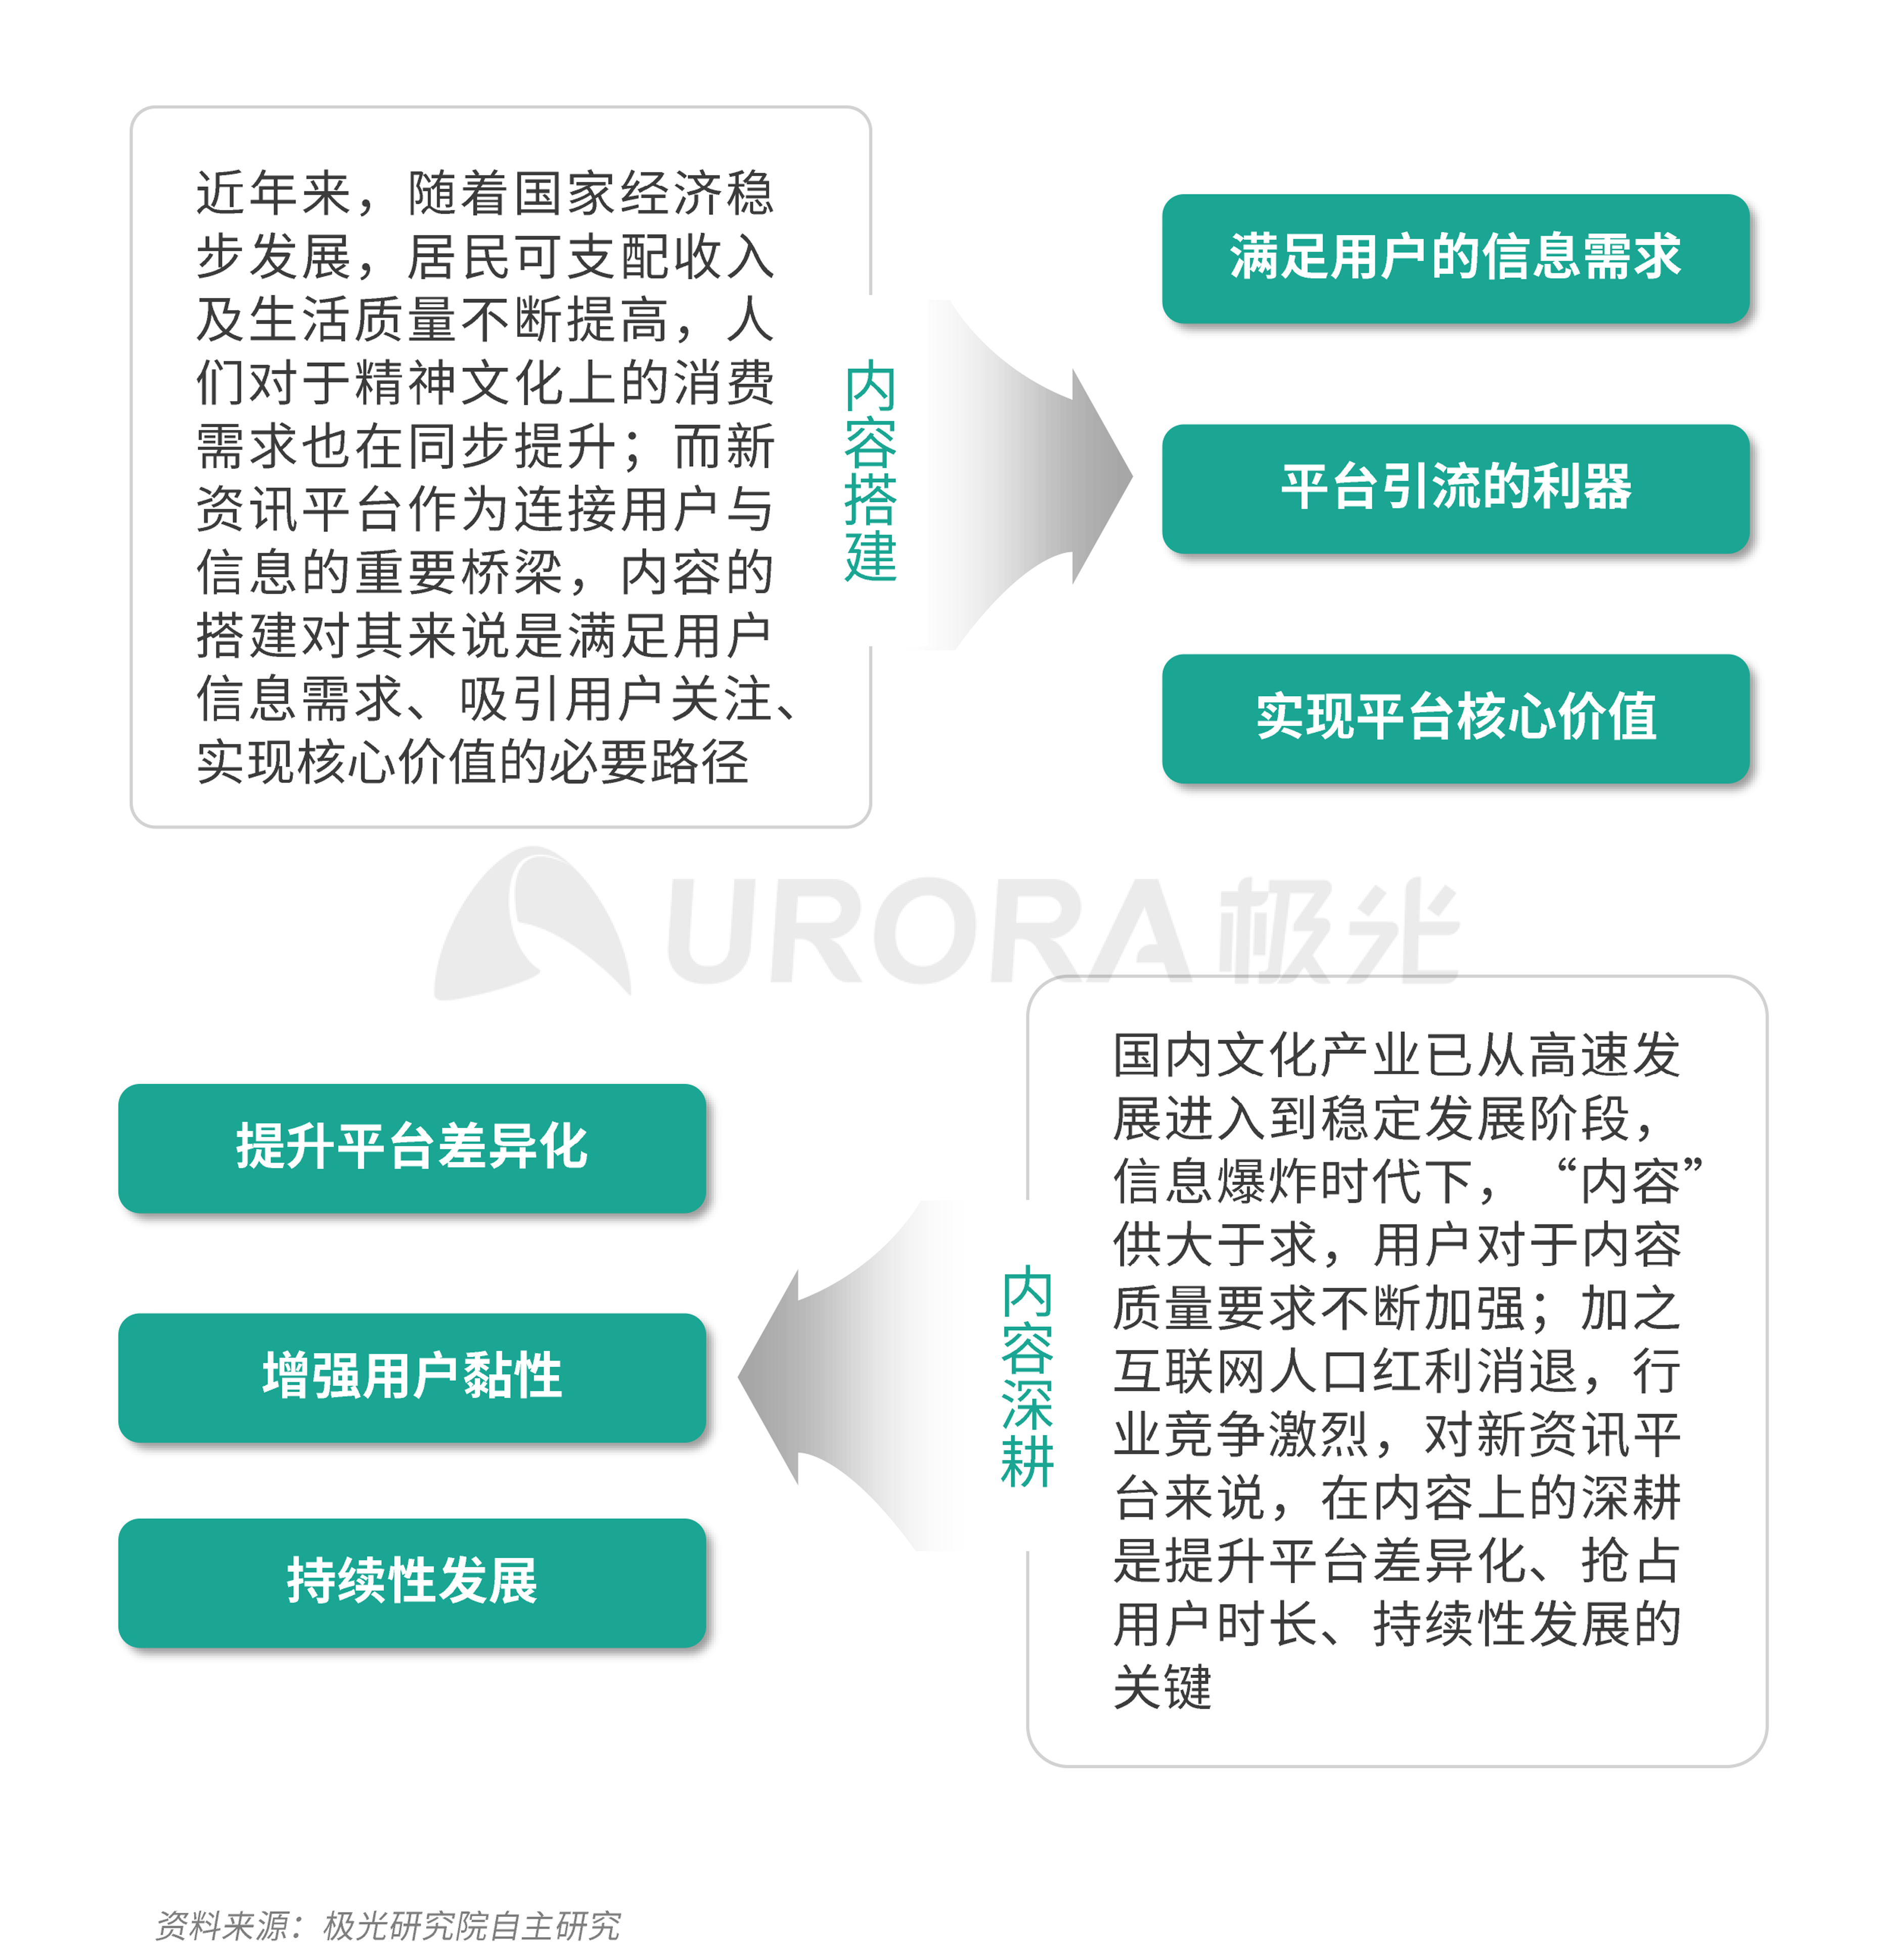 极光:新资讯行业系列报告--内容篇 (3).png